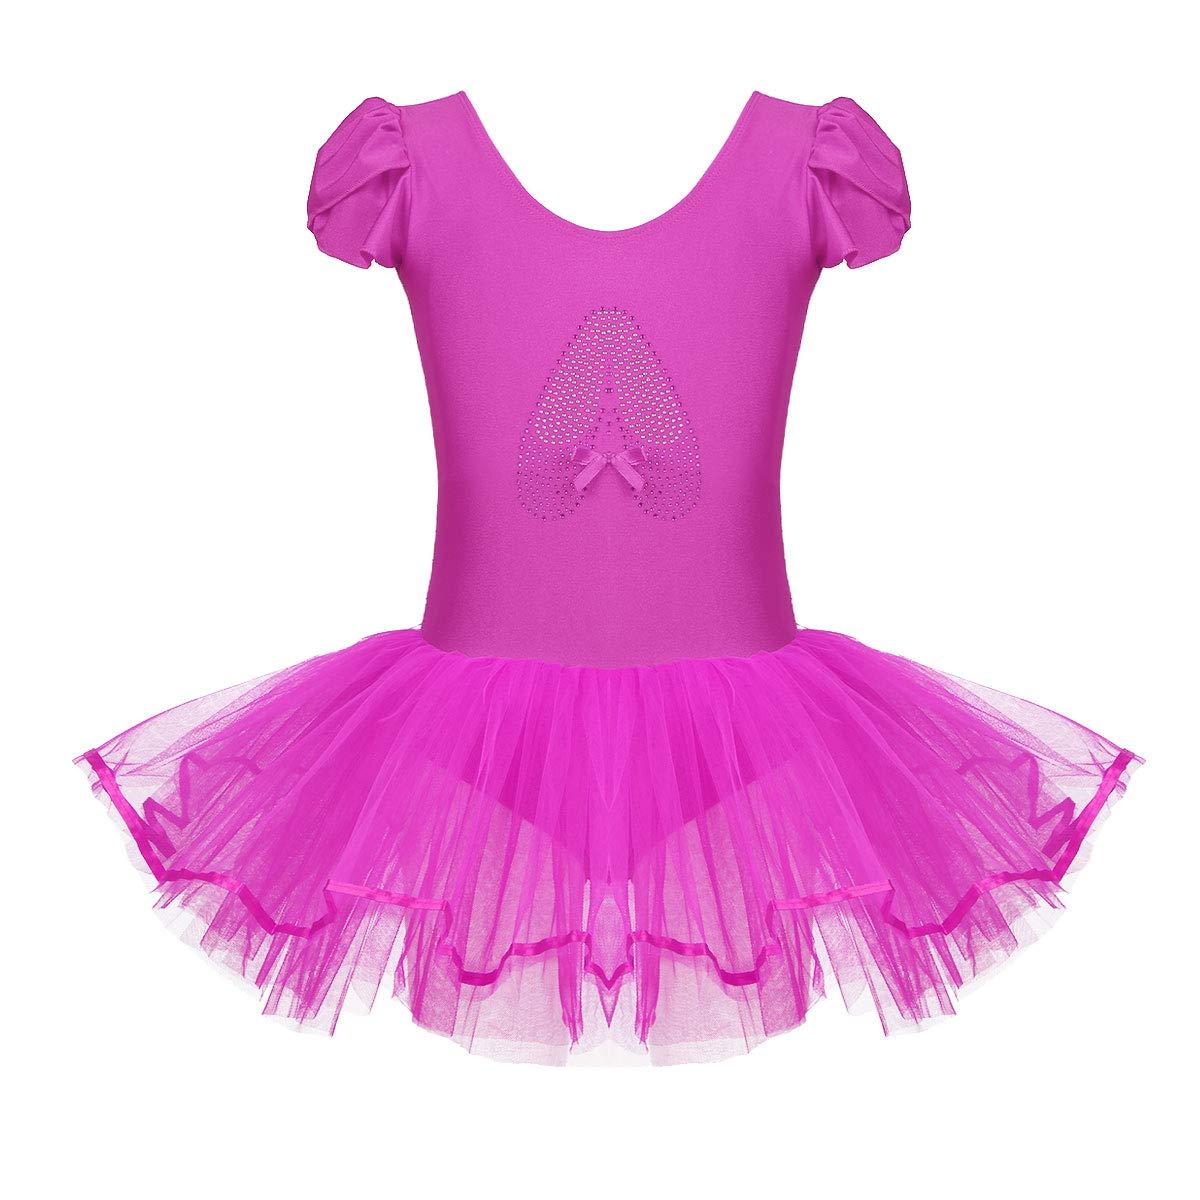 Freebily Girls Sleeveless Cutout Back Ballet Dance Leotard Tutu Dress